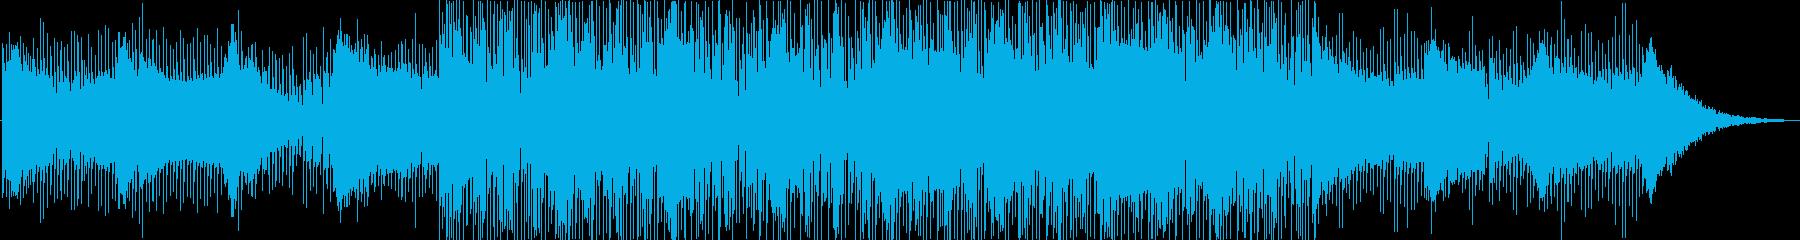 「証拠資料」真相ドキュメンタリーBGM①の再生済みの波形